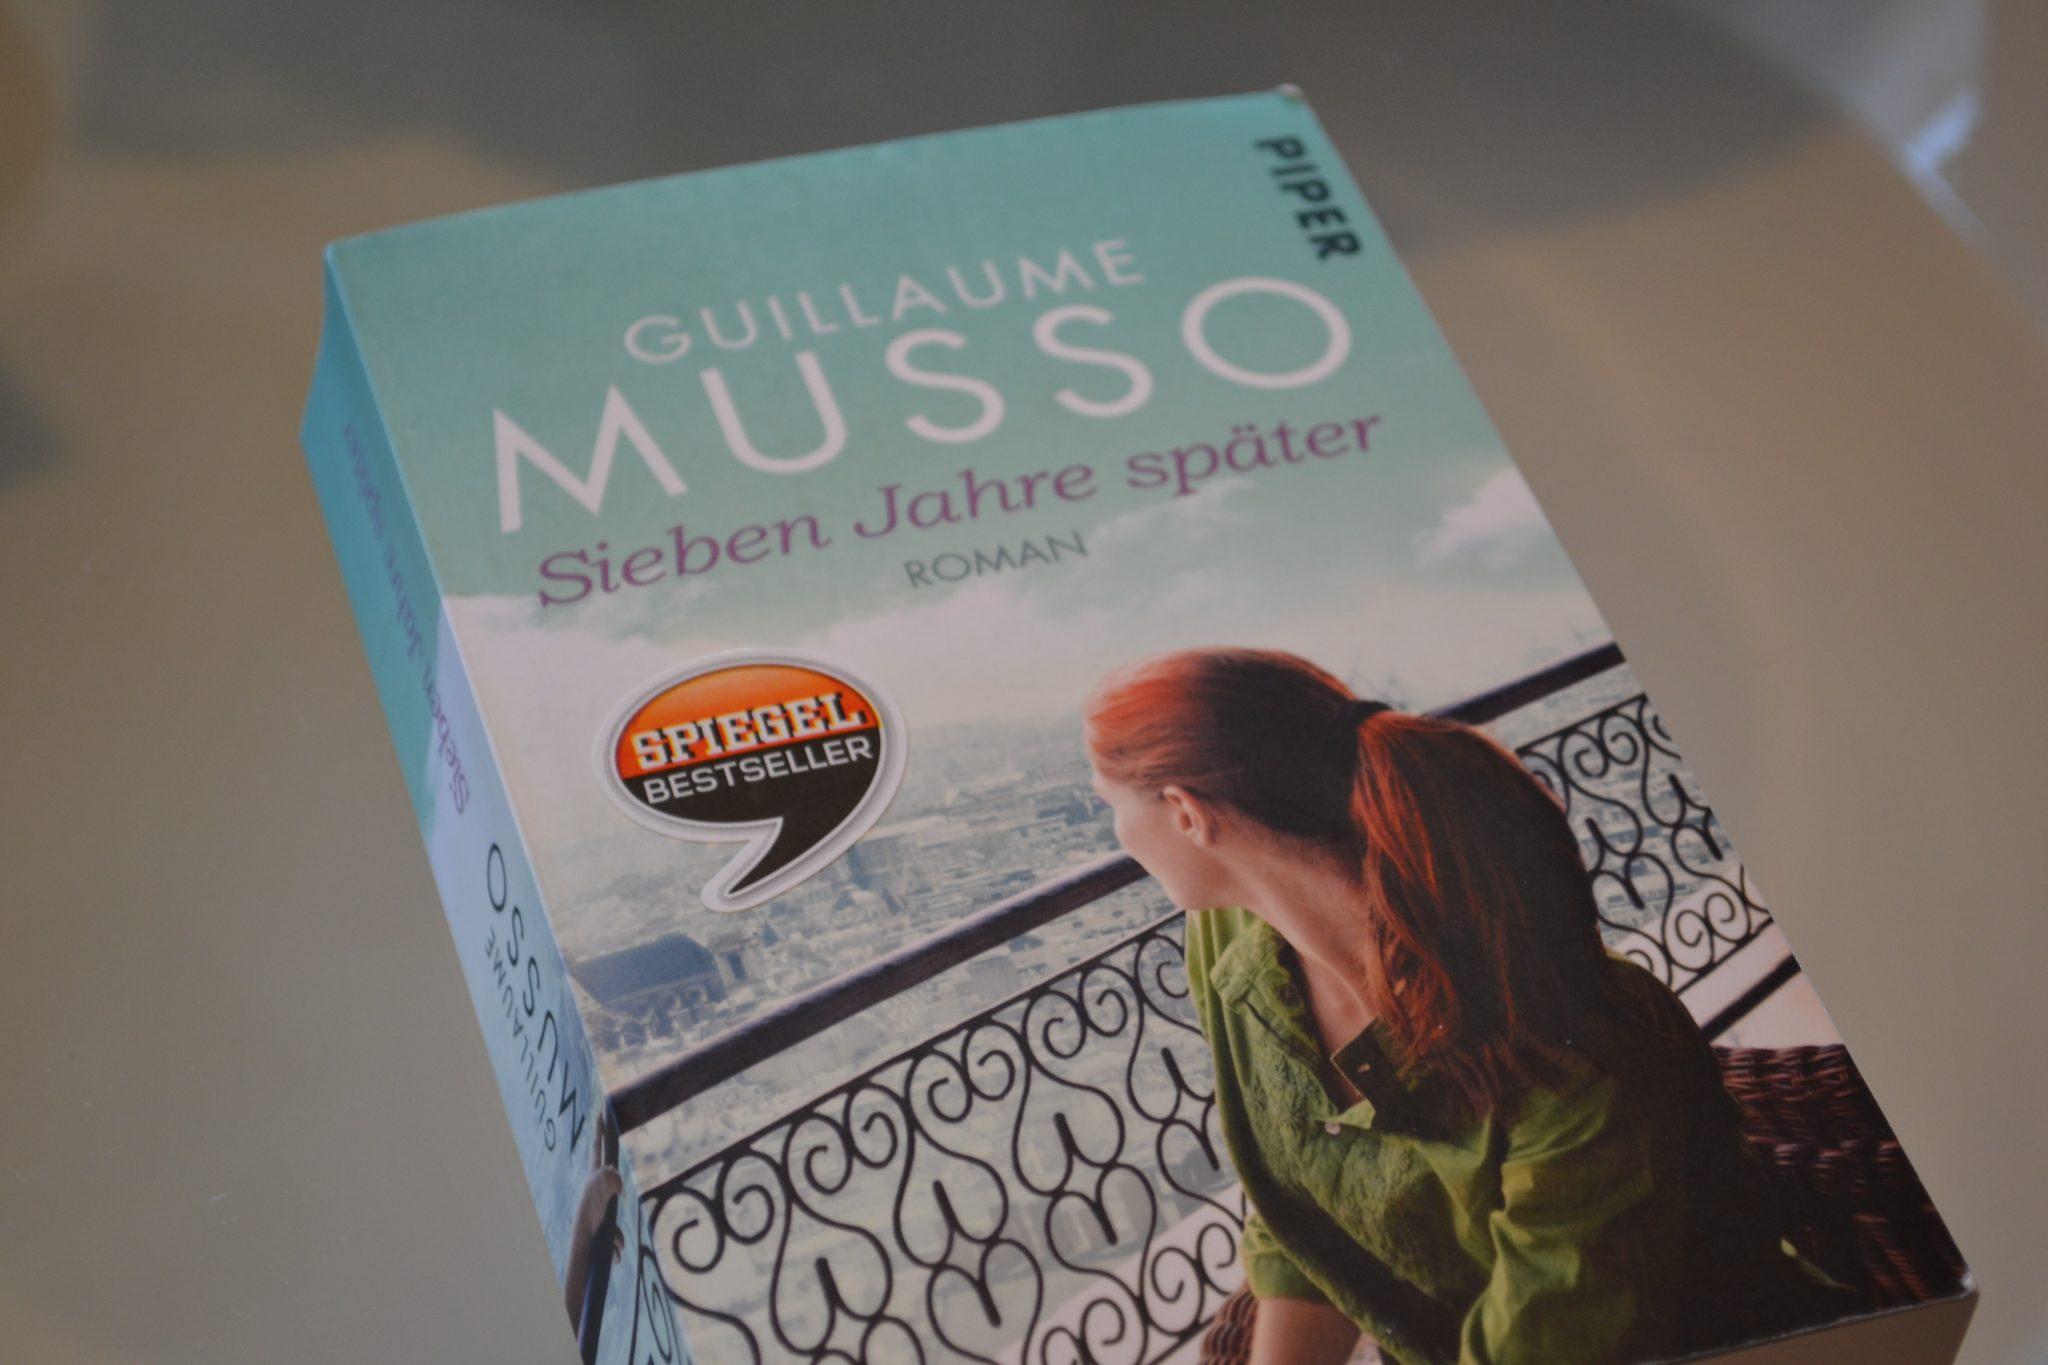 Books: Sieben Jahre später | Guillaume Musso